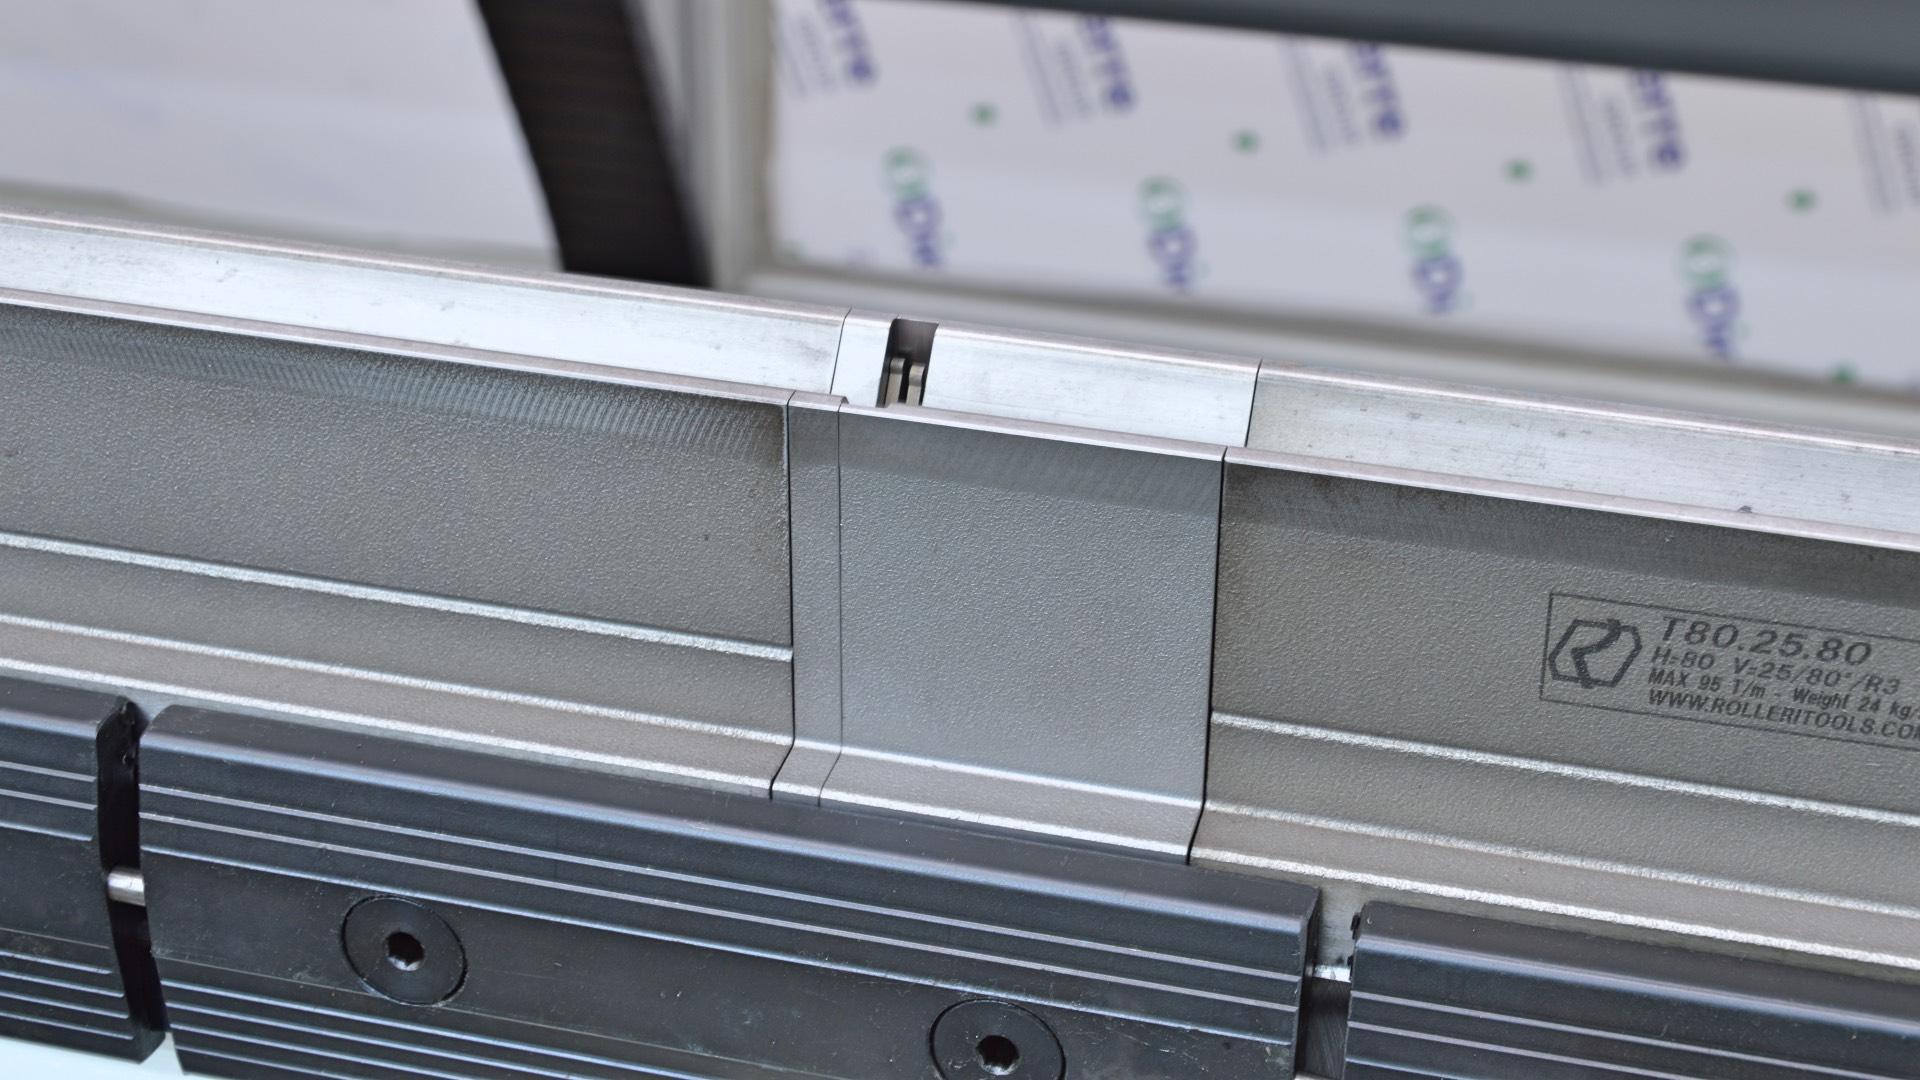 compensazione ritorno elastico acciaio inossidabile